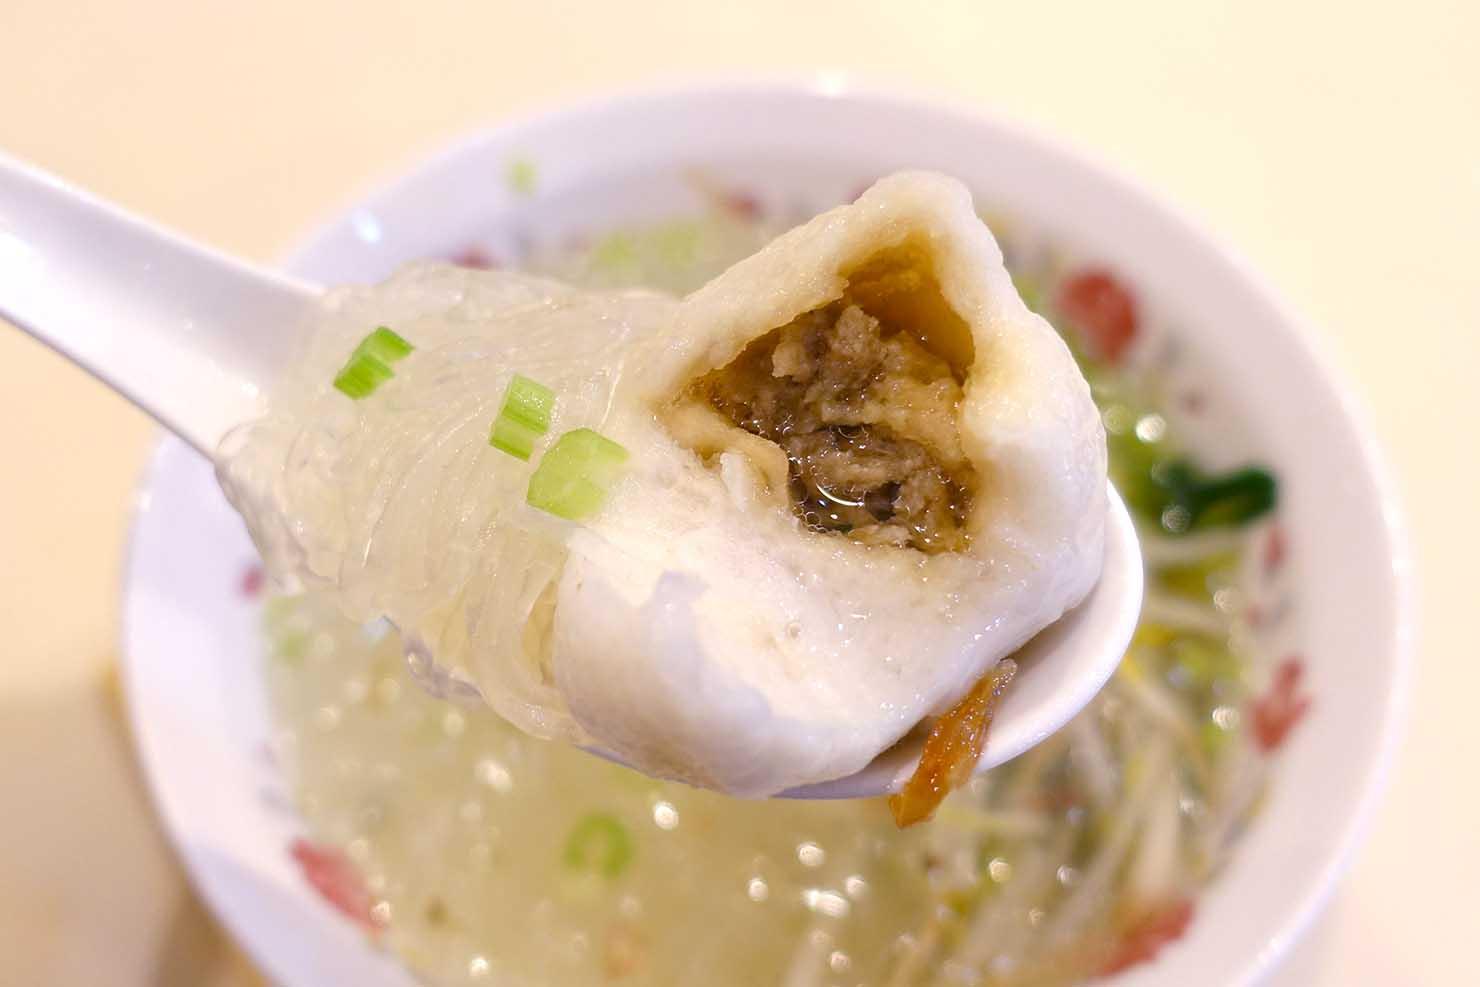 台北・西門町のおすすめ朝ごはん屋さん「永富魚丸湯」の福州魚丸湯+冬粉(魚のつみれ入り春雨スープ)クローズアップ